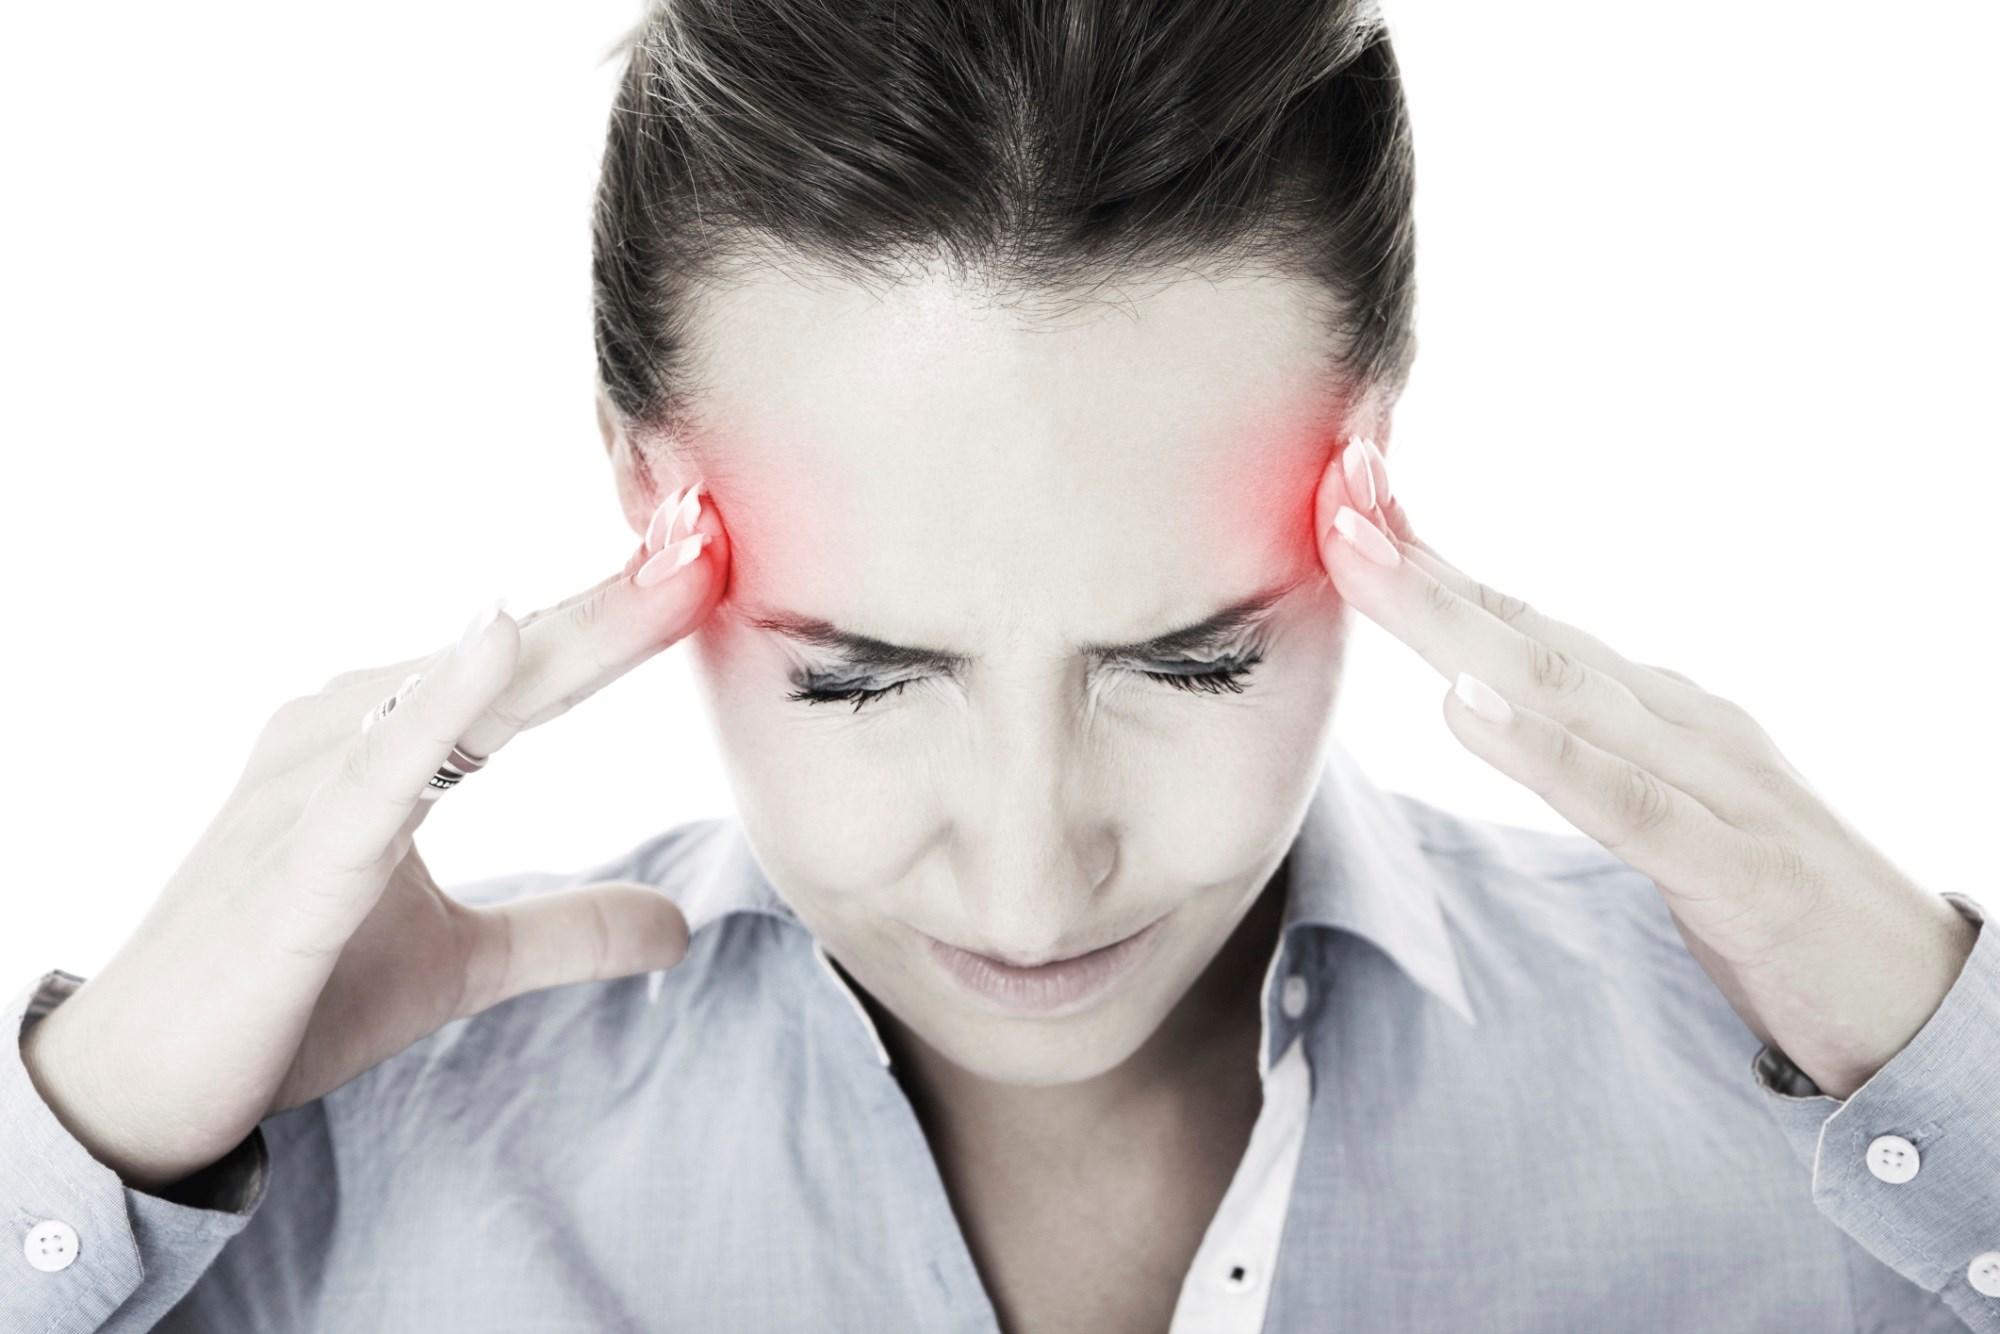 Advances in migraine headache treatment